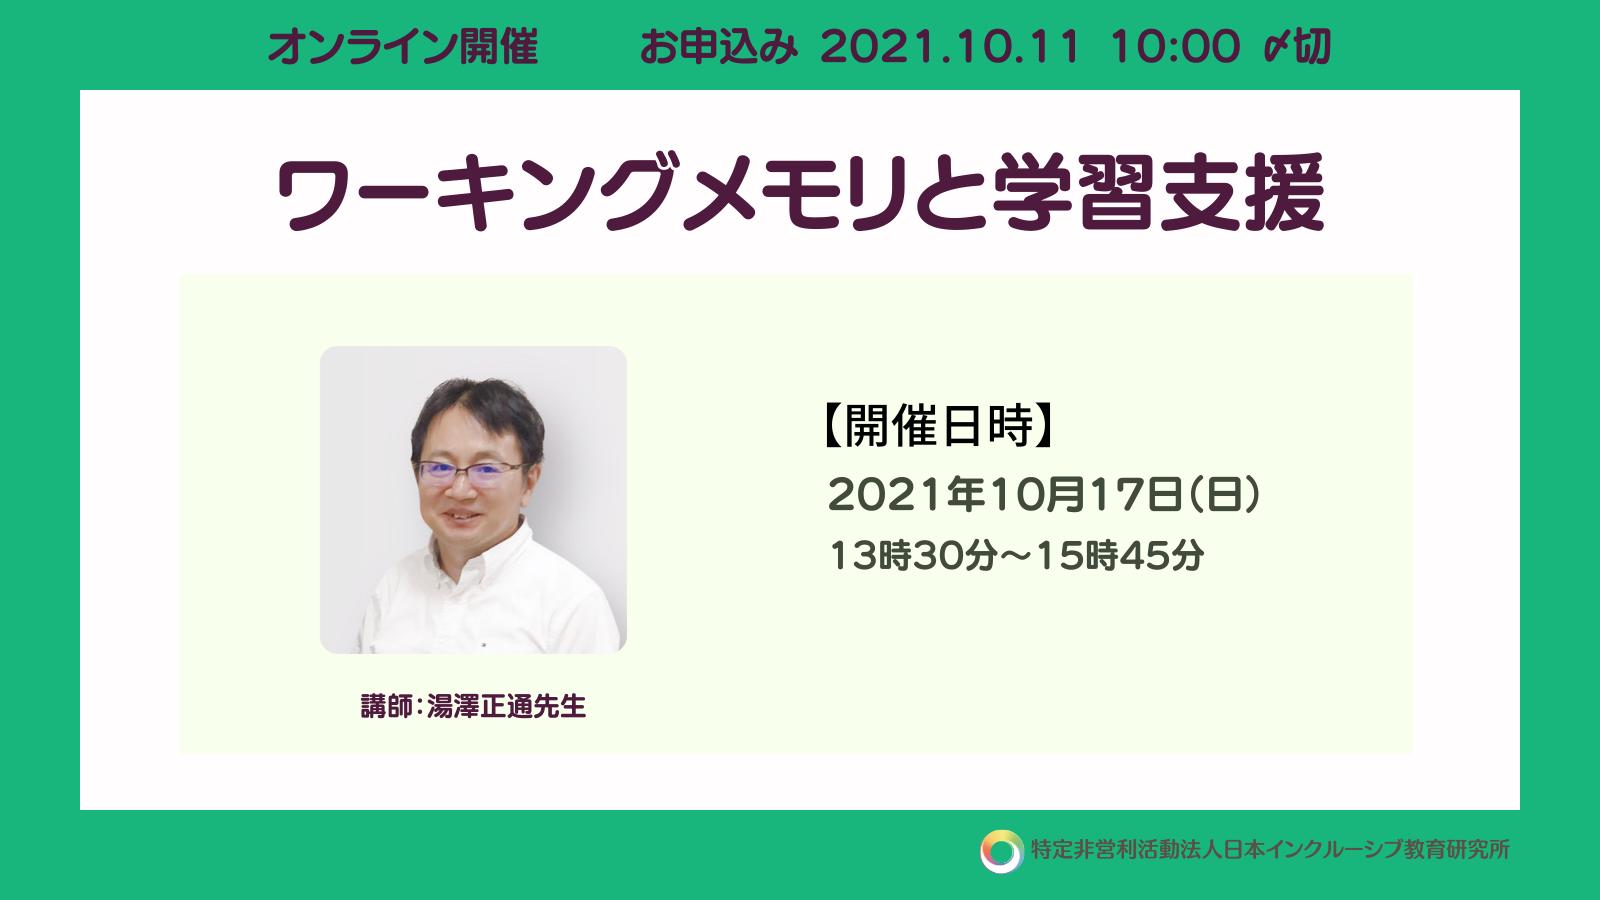 【公開講座7】学習・発達支援員養成講座 10/17午後